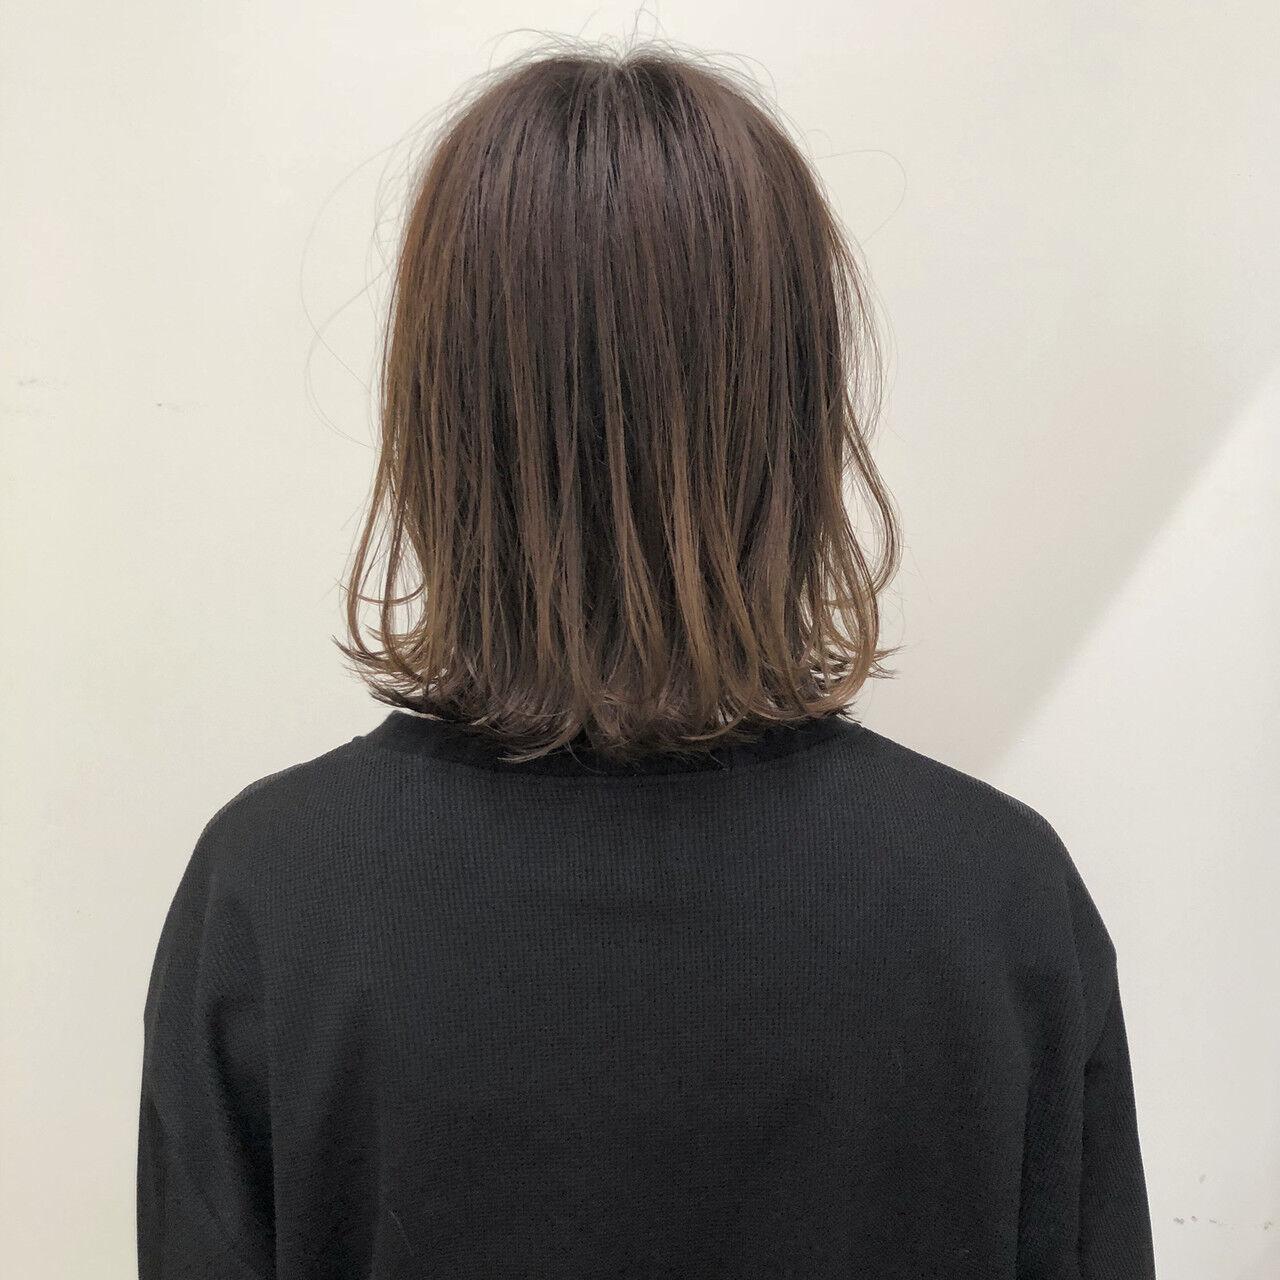 外ハネボブ ショートボブ ボブ ナチュラルヘアスタイルや髪型の写真・画像